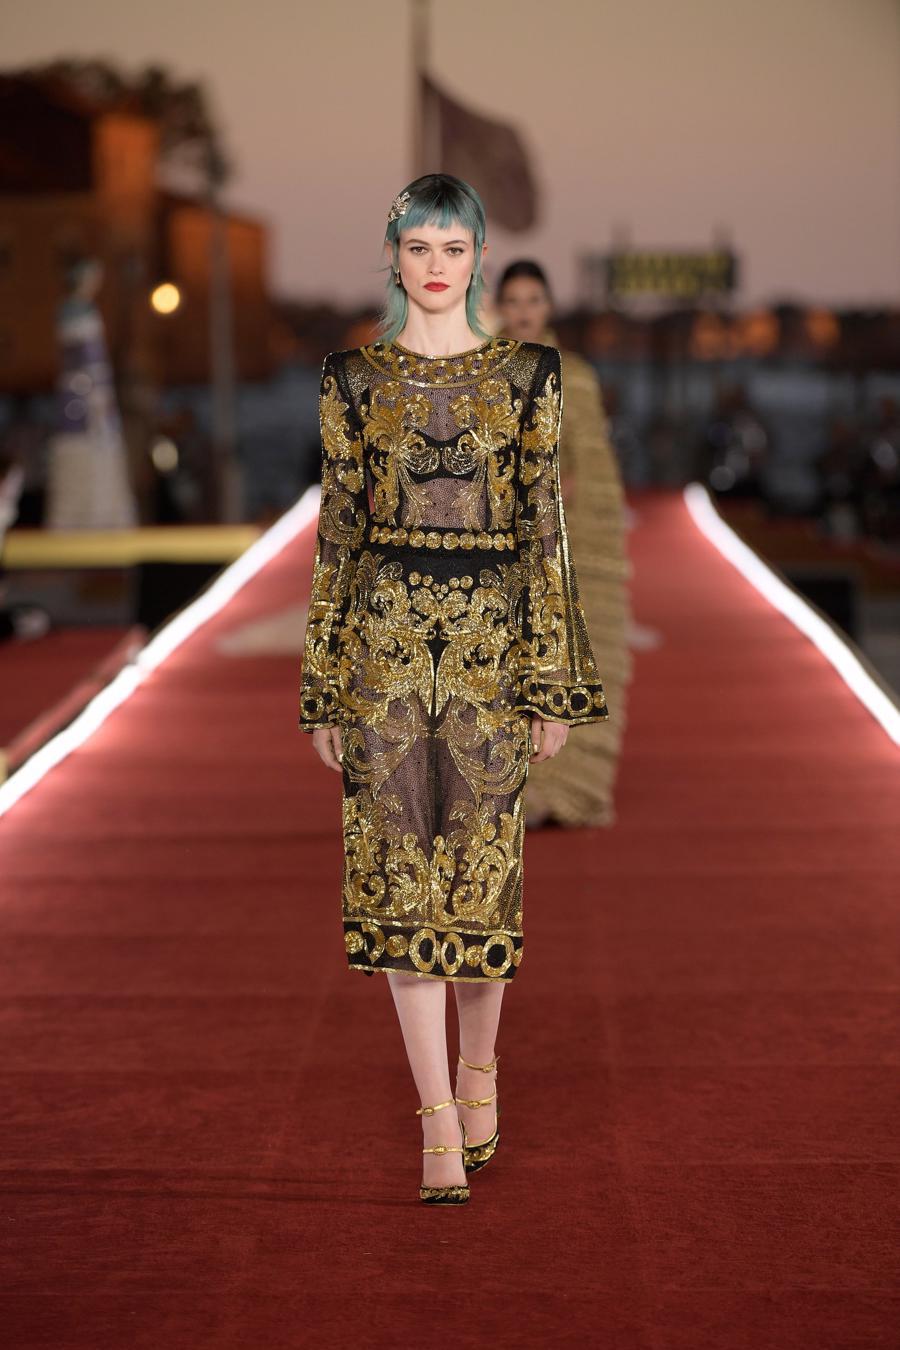 Show diễn Alta Moda của Dolce & Gabbana: Mưa đá và cầu vồng - Ảnh 11